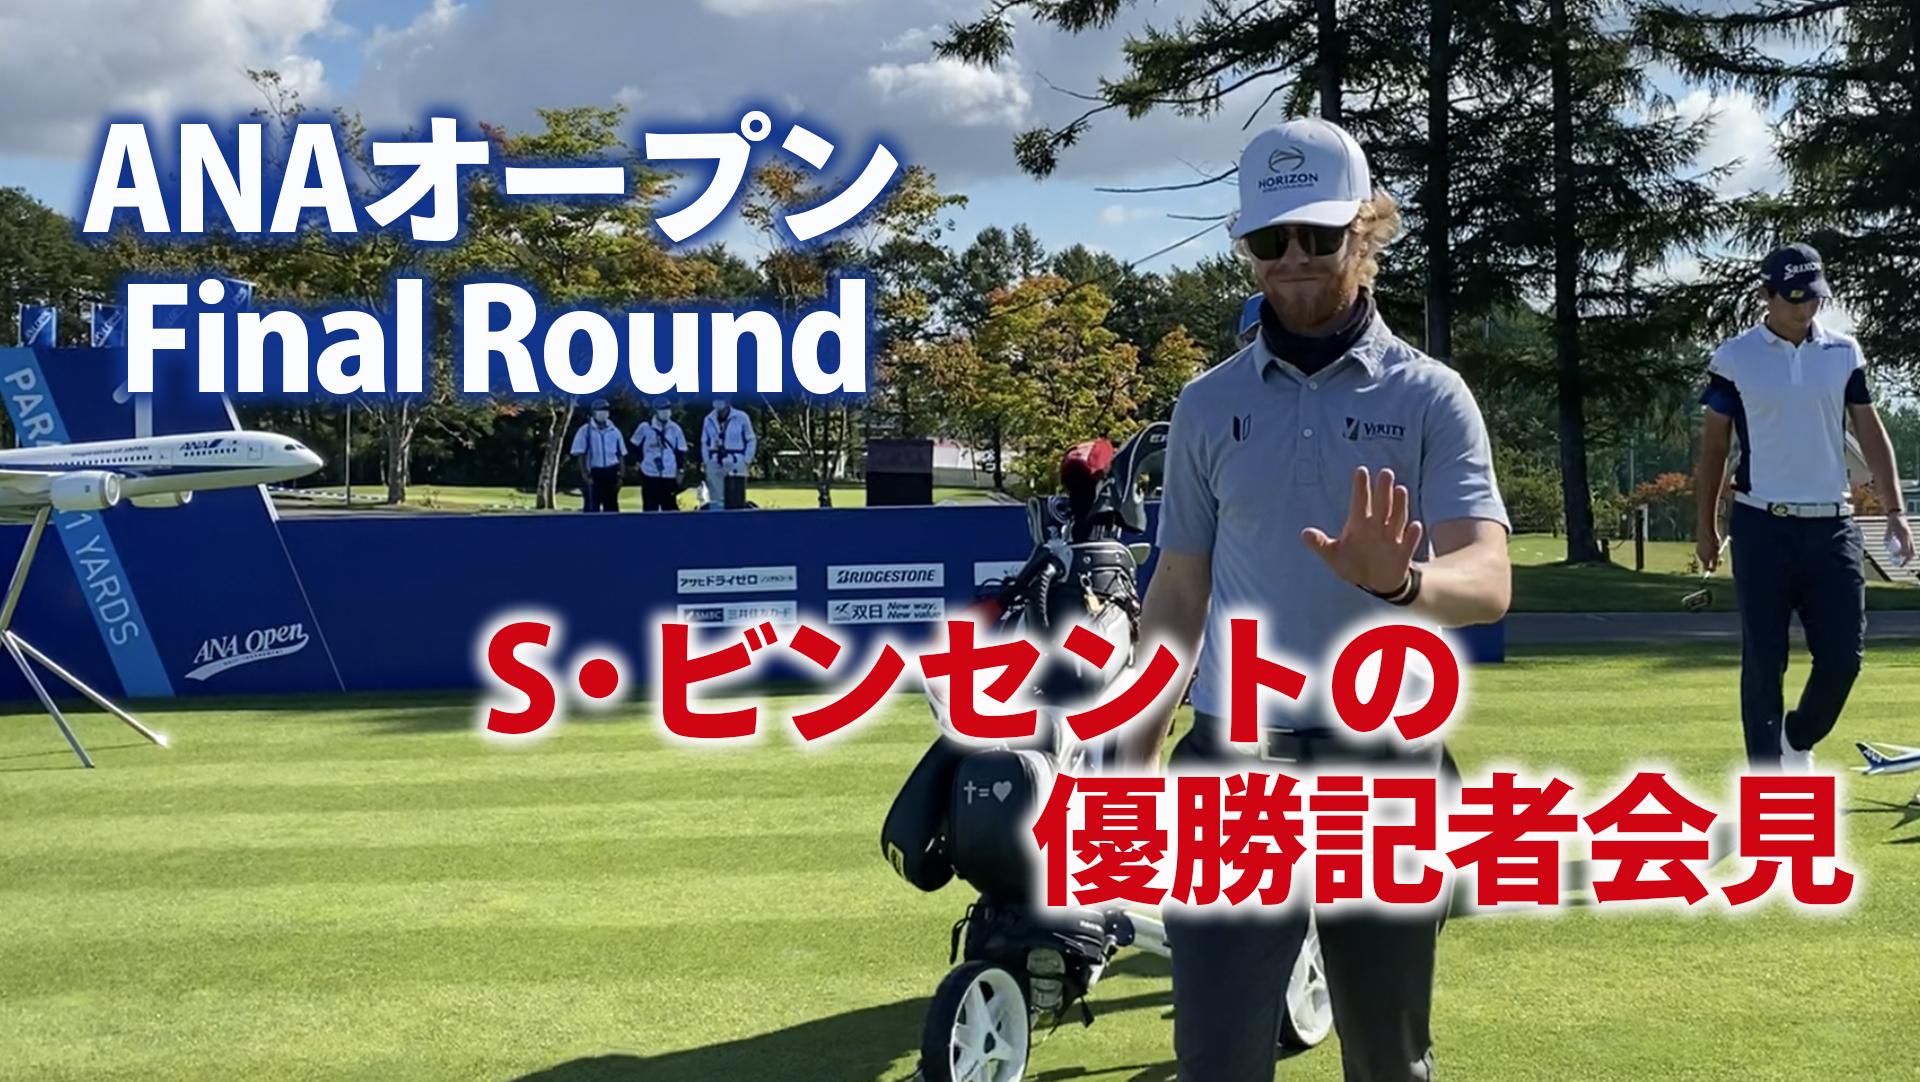 【男子ゴルフ】S・ビンセントが3打差を逆転して、通算18アンダーでツアー通算2勝目!第47回ANAオープンゴルフトーナメント Final Round